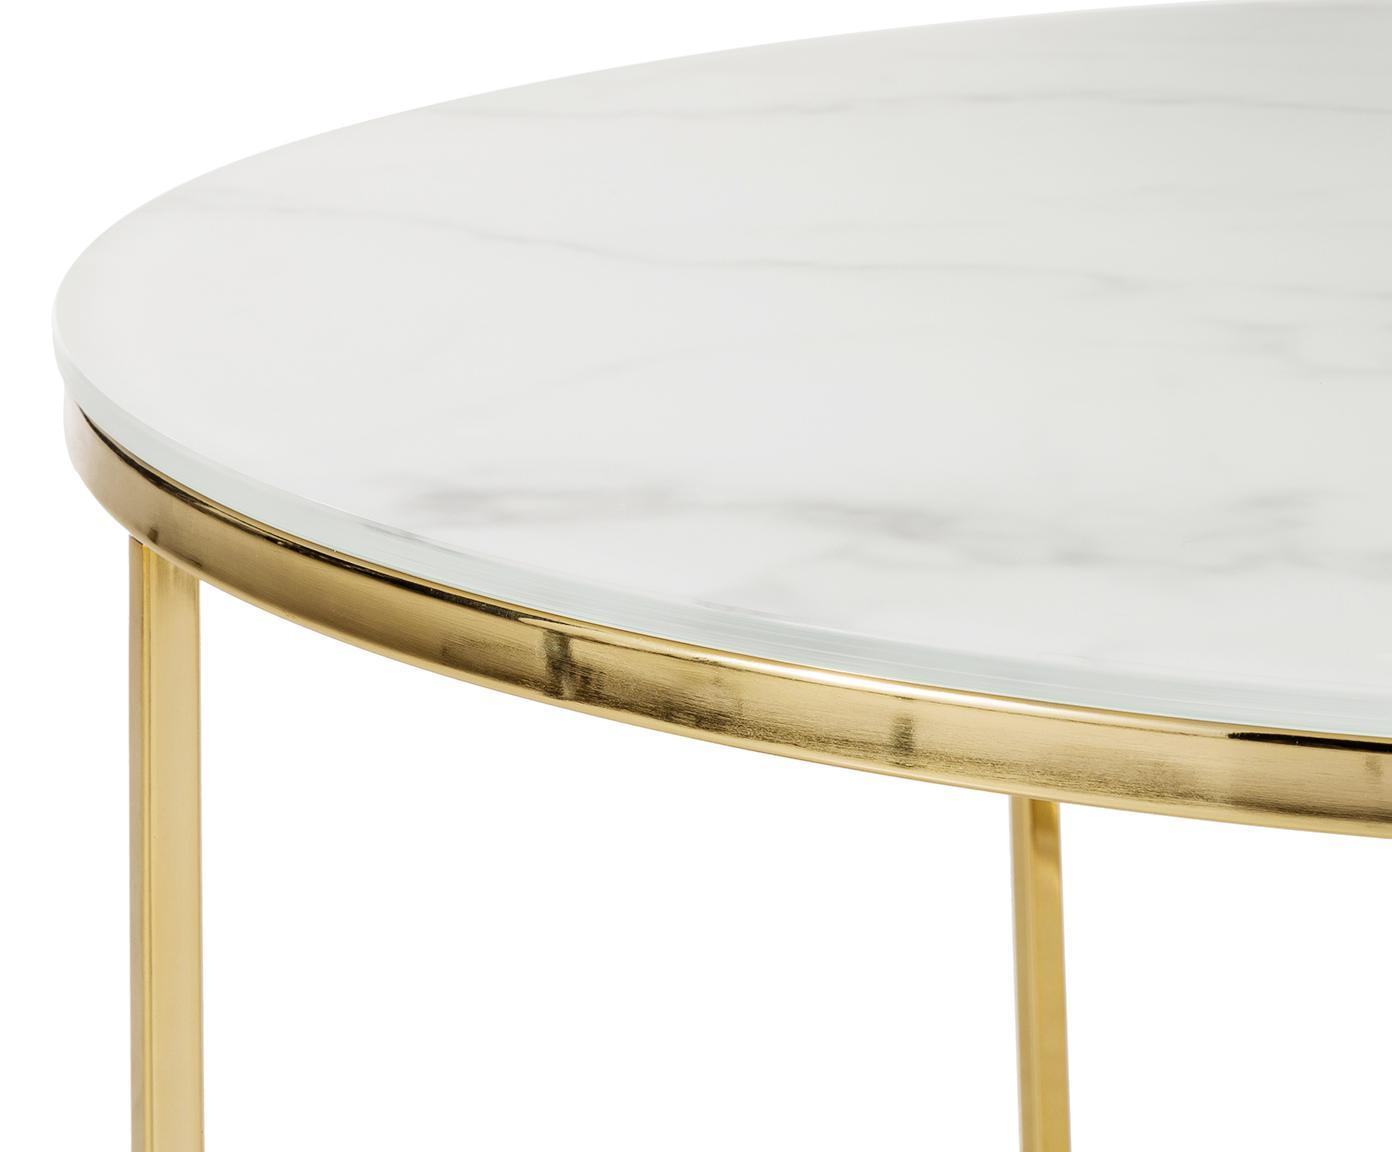 Stolik kawowy ze szklanym blatem Antigua, Blat: szkło, matowy nadruk, Stelaż: stal, mosiądzowany, Białoszary marmurowy, odcienie złotego, Ø 80 x W 45 cm